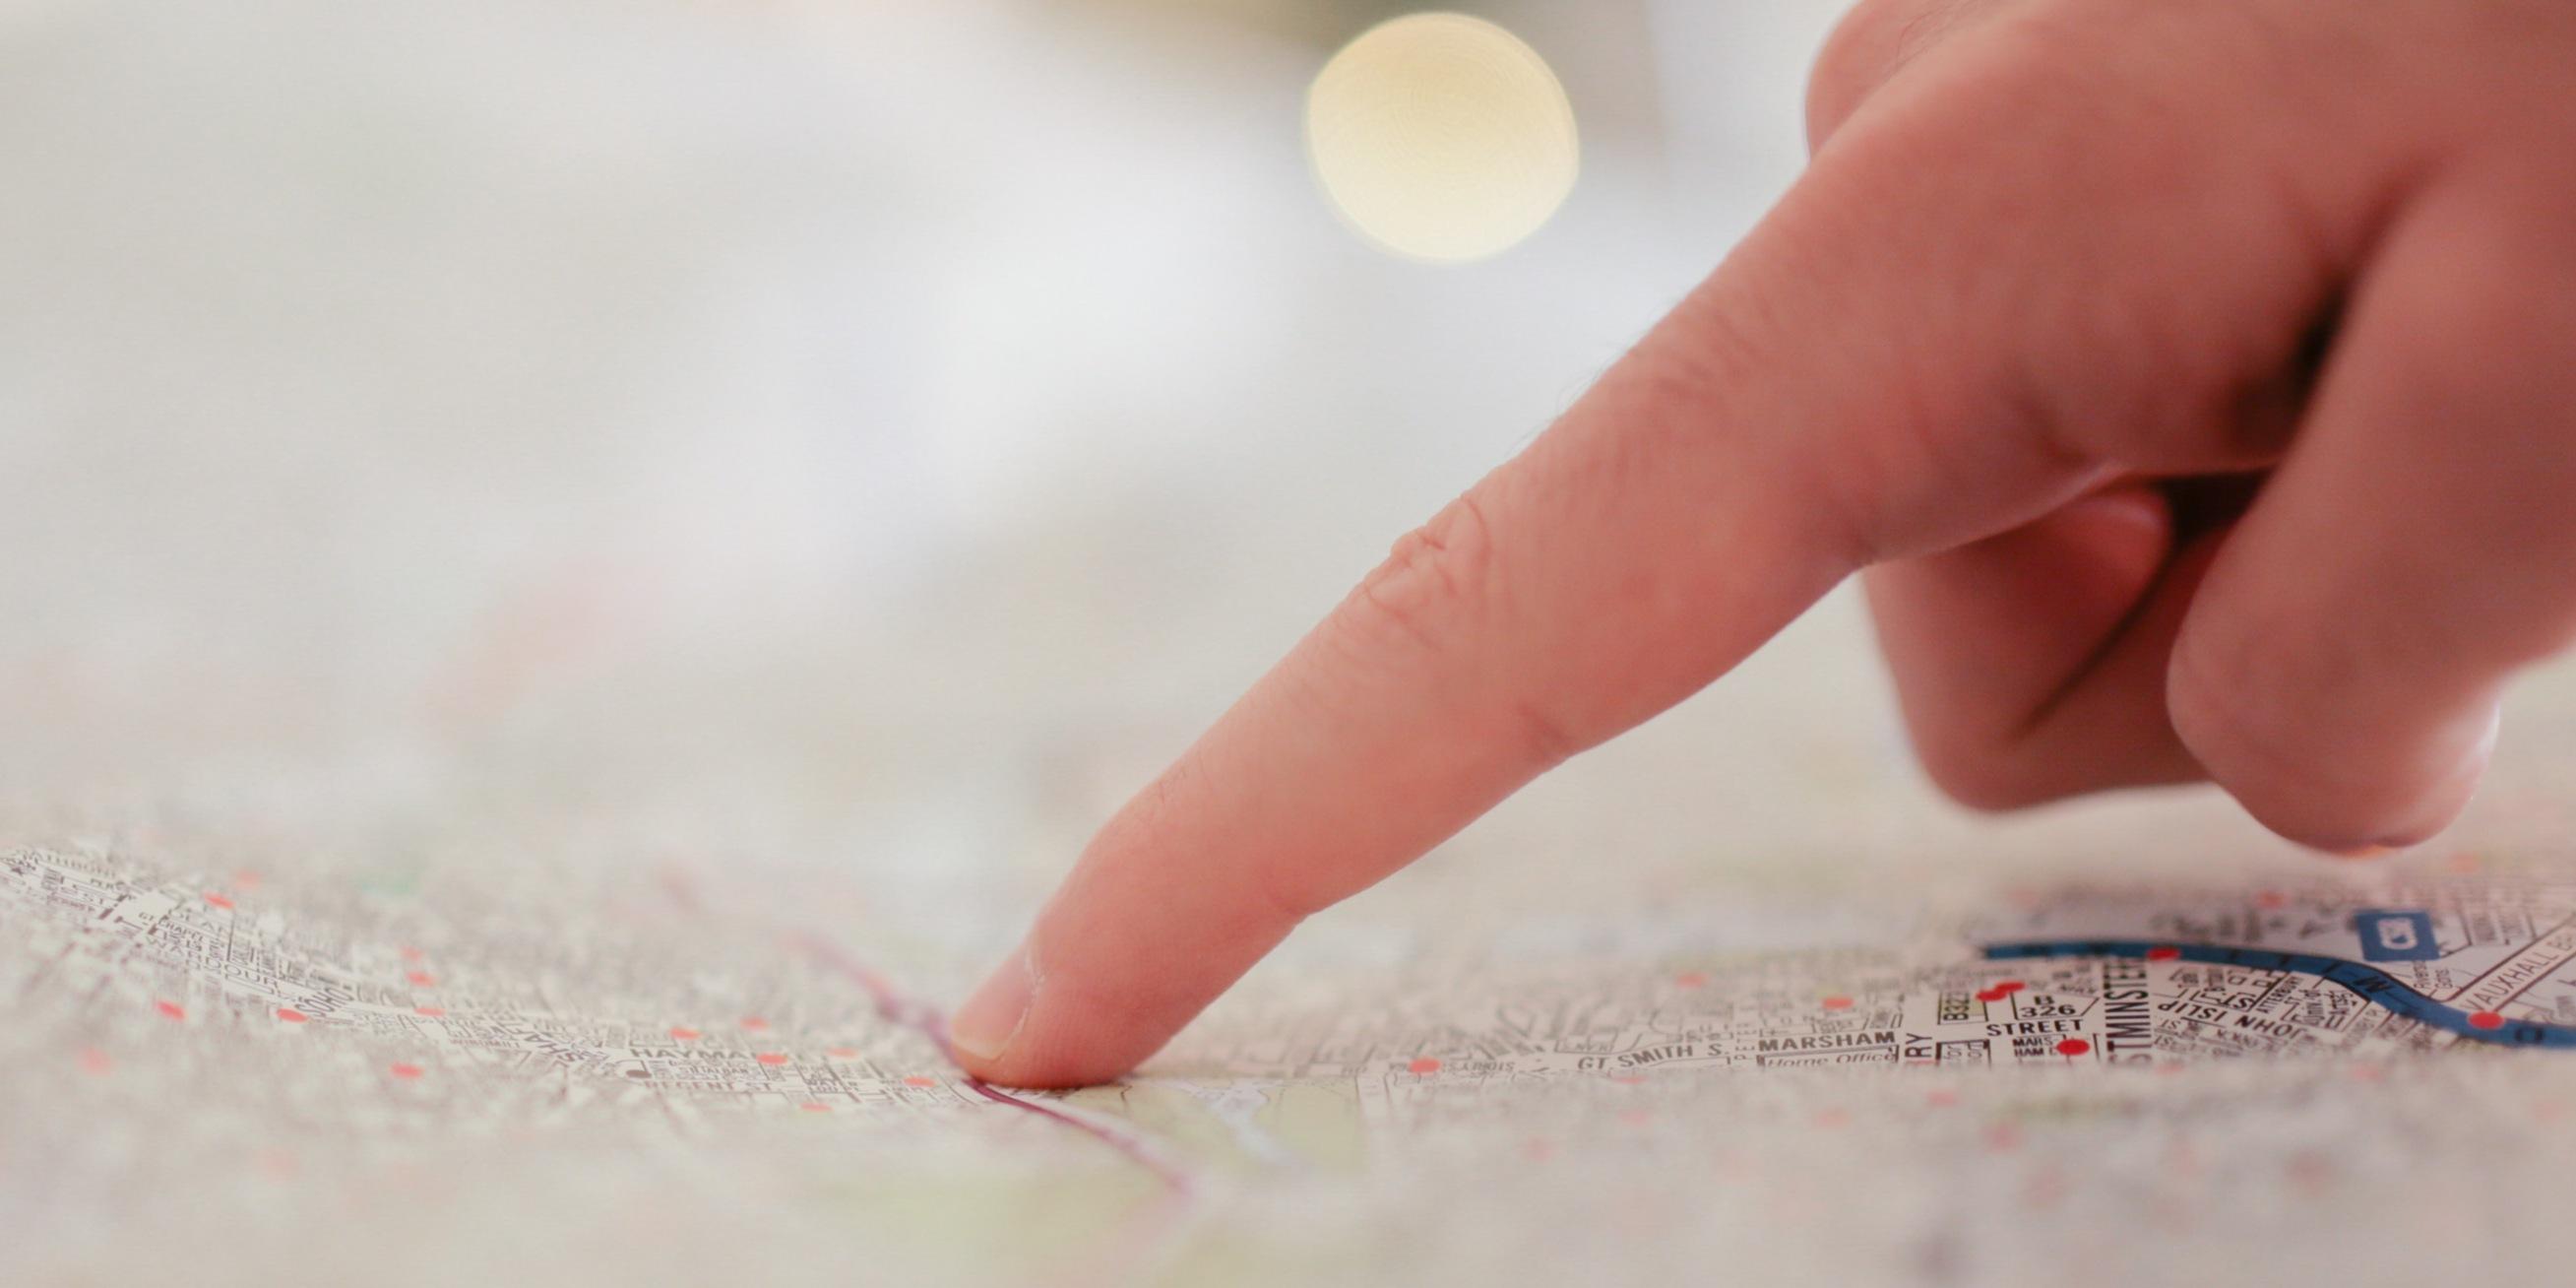 Progetto educativo per la scuola primaria e secondaria con approfondimento di tematiche relative a topografia, cartografia e orientamento